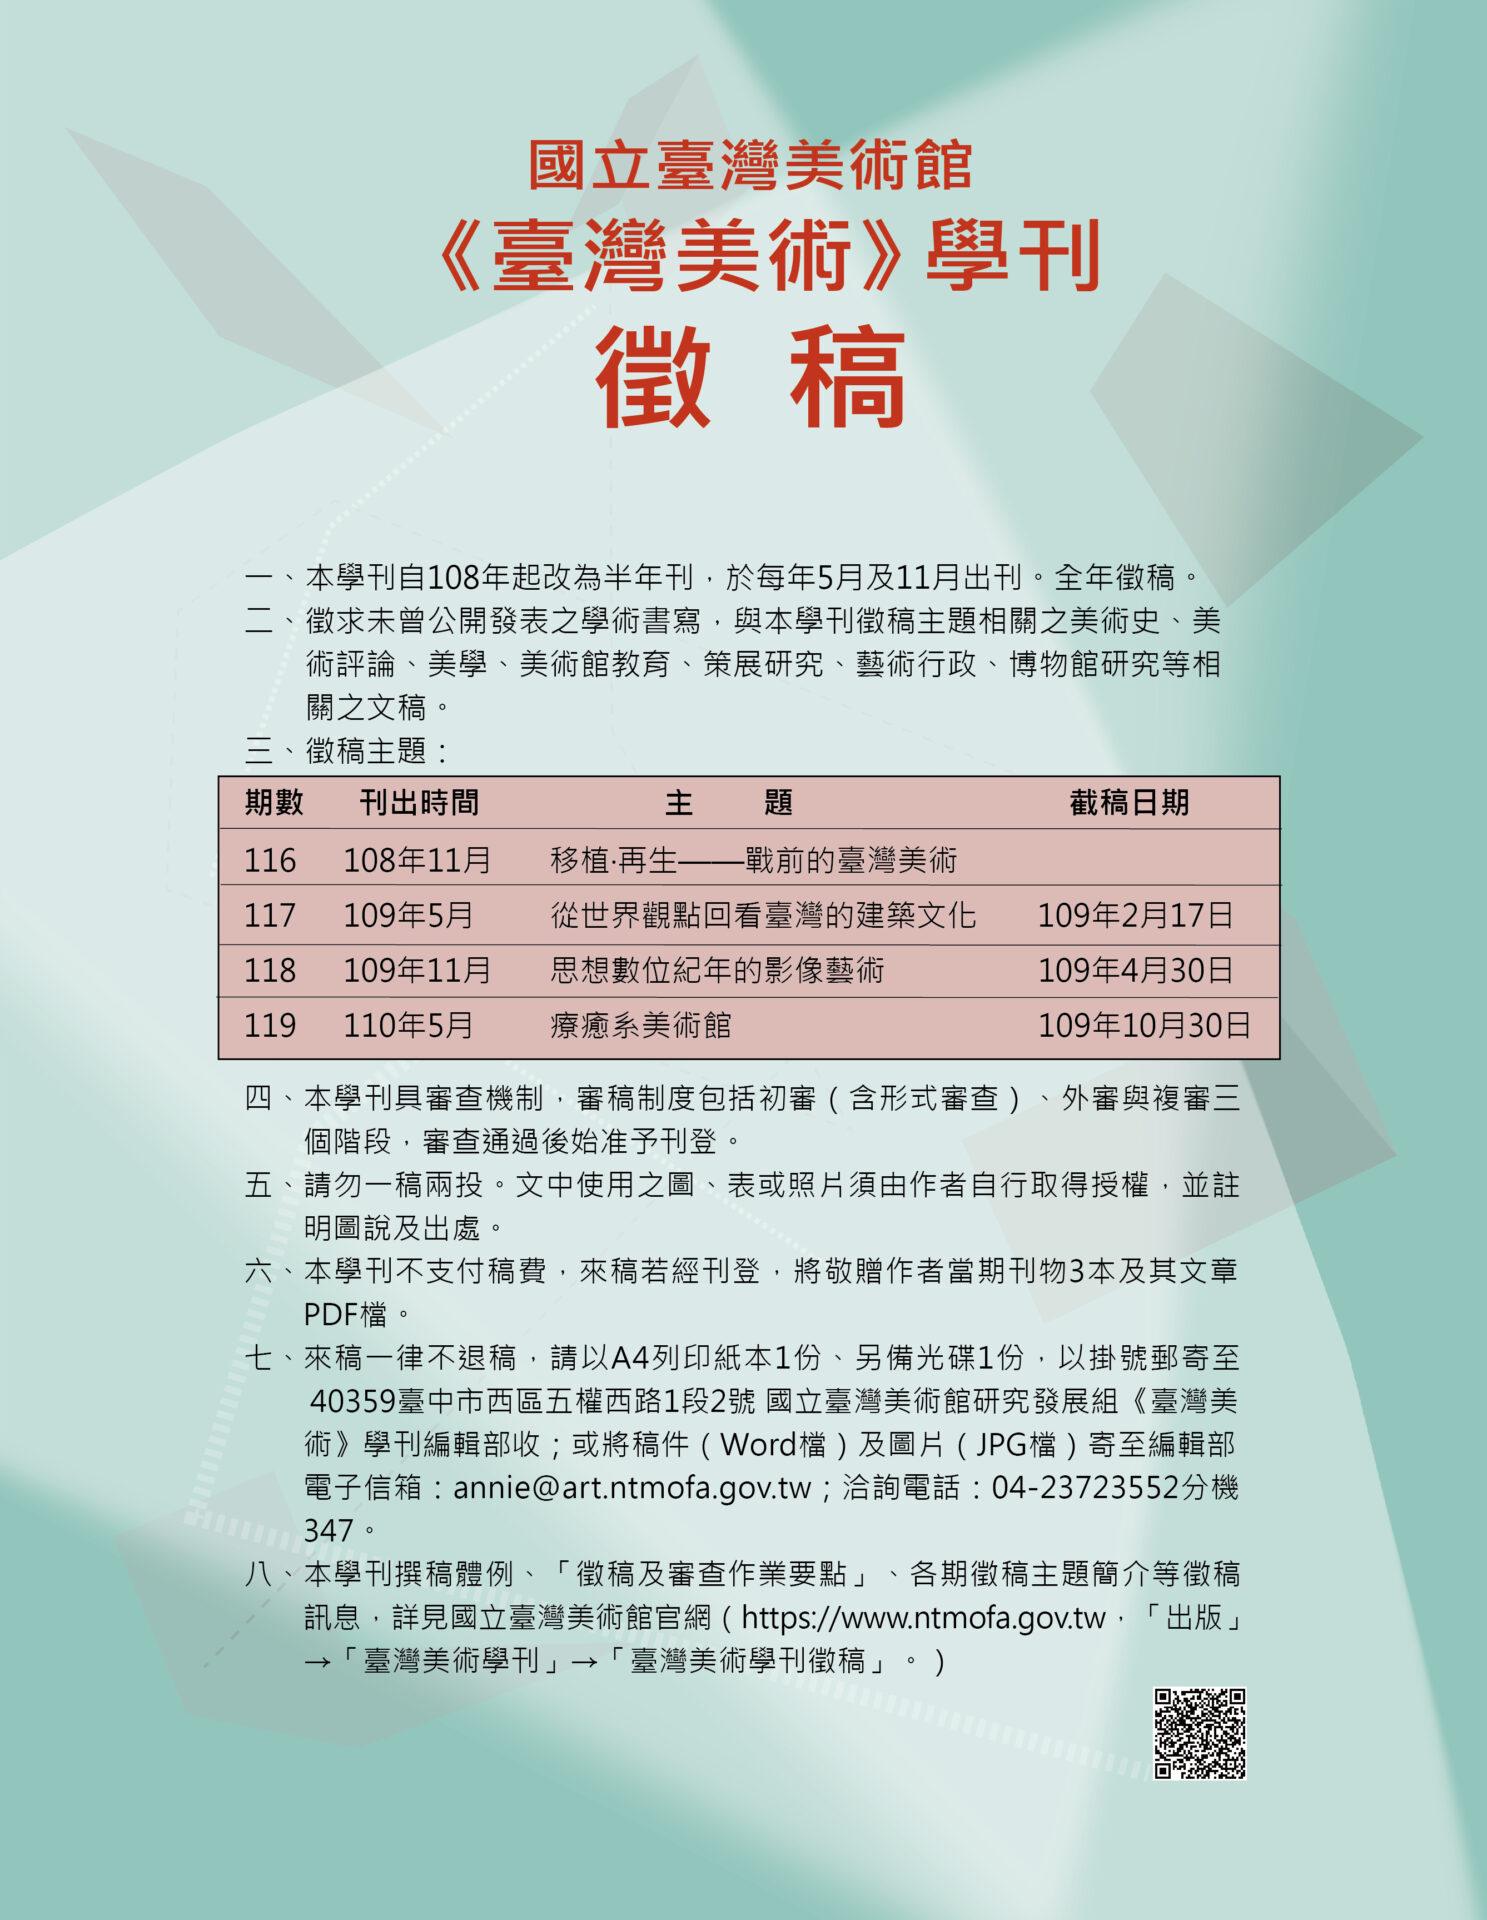 國立台灣美術館:2020/09/15-10/30【《臺灣美術》學刊徵稿】